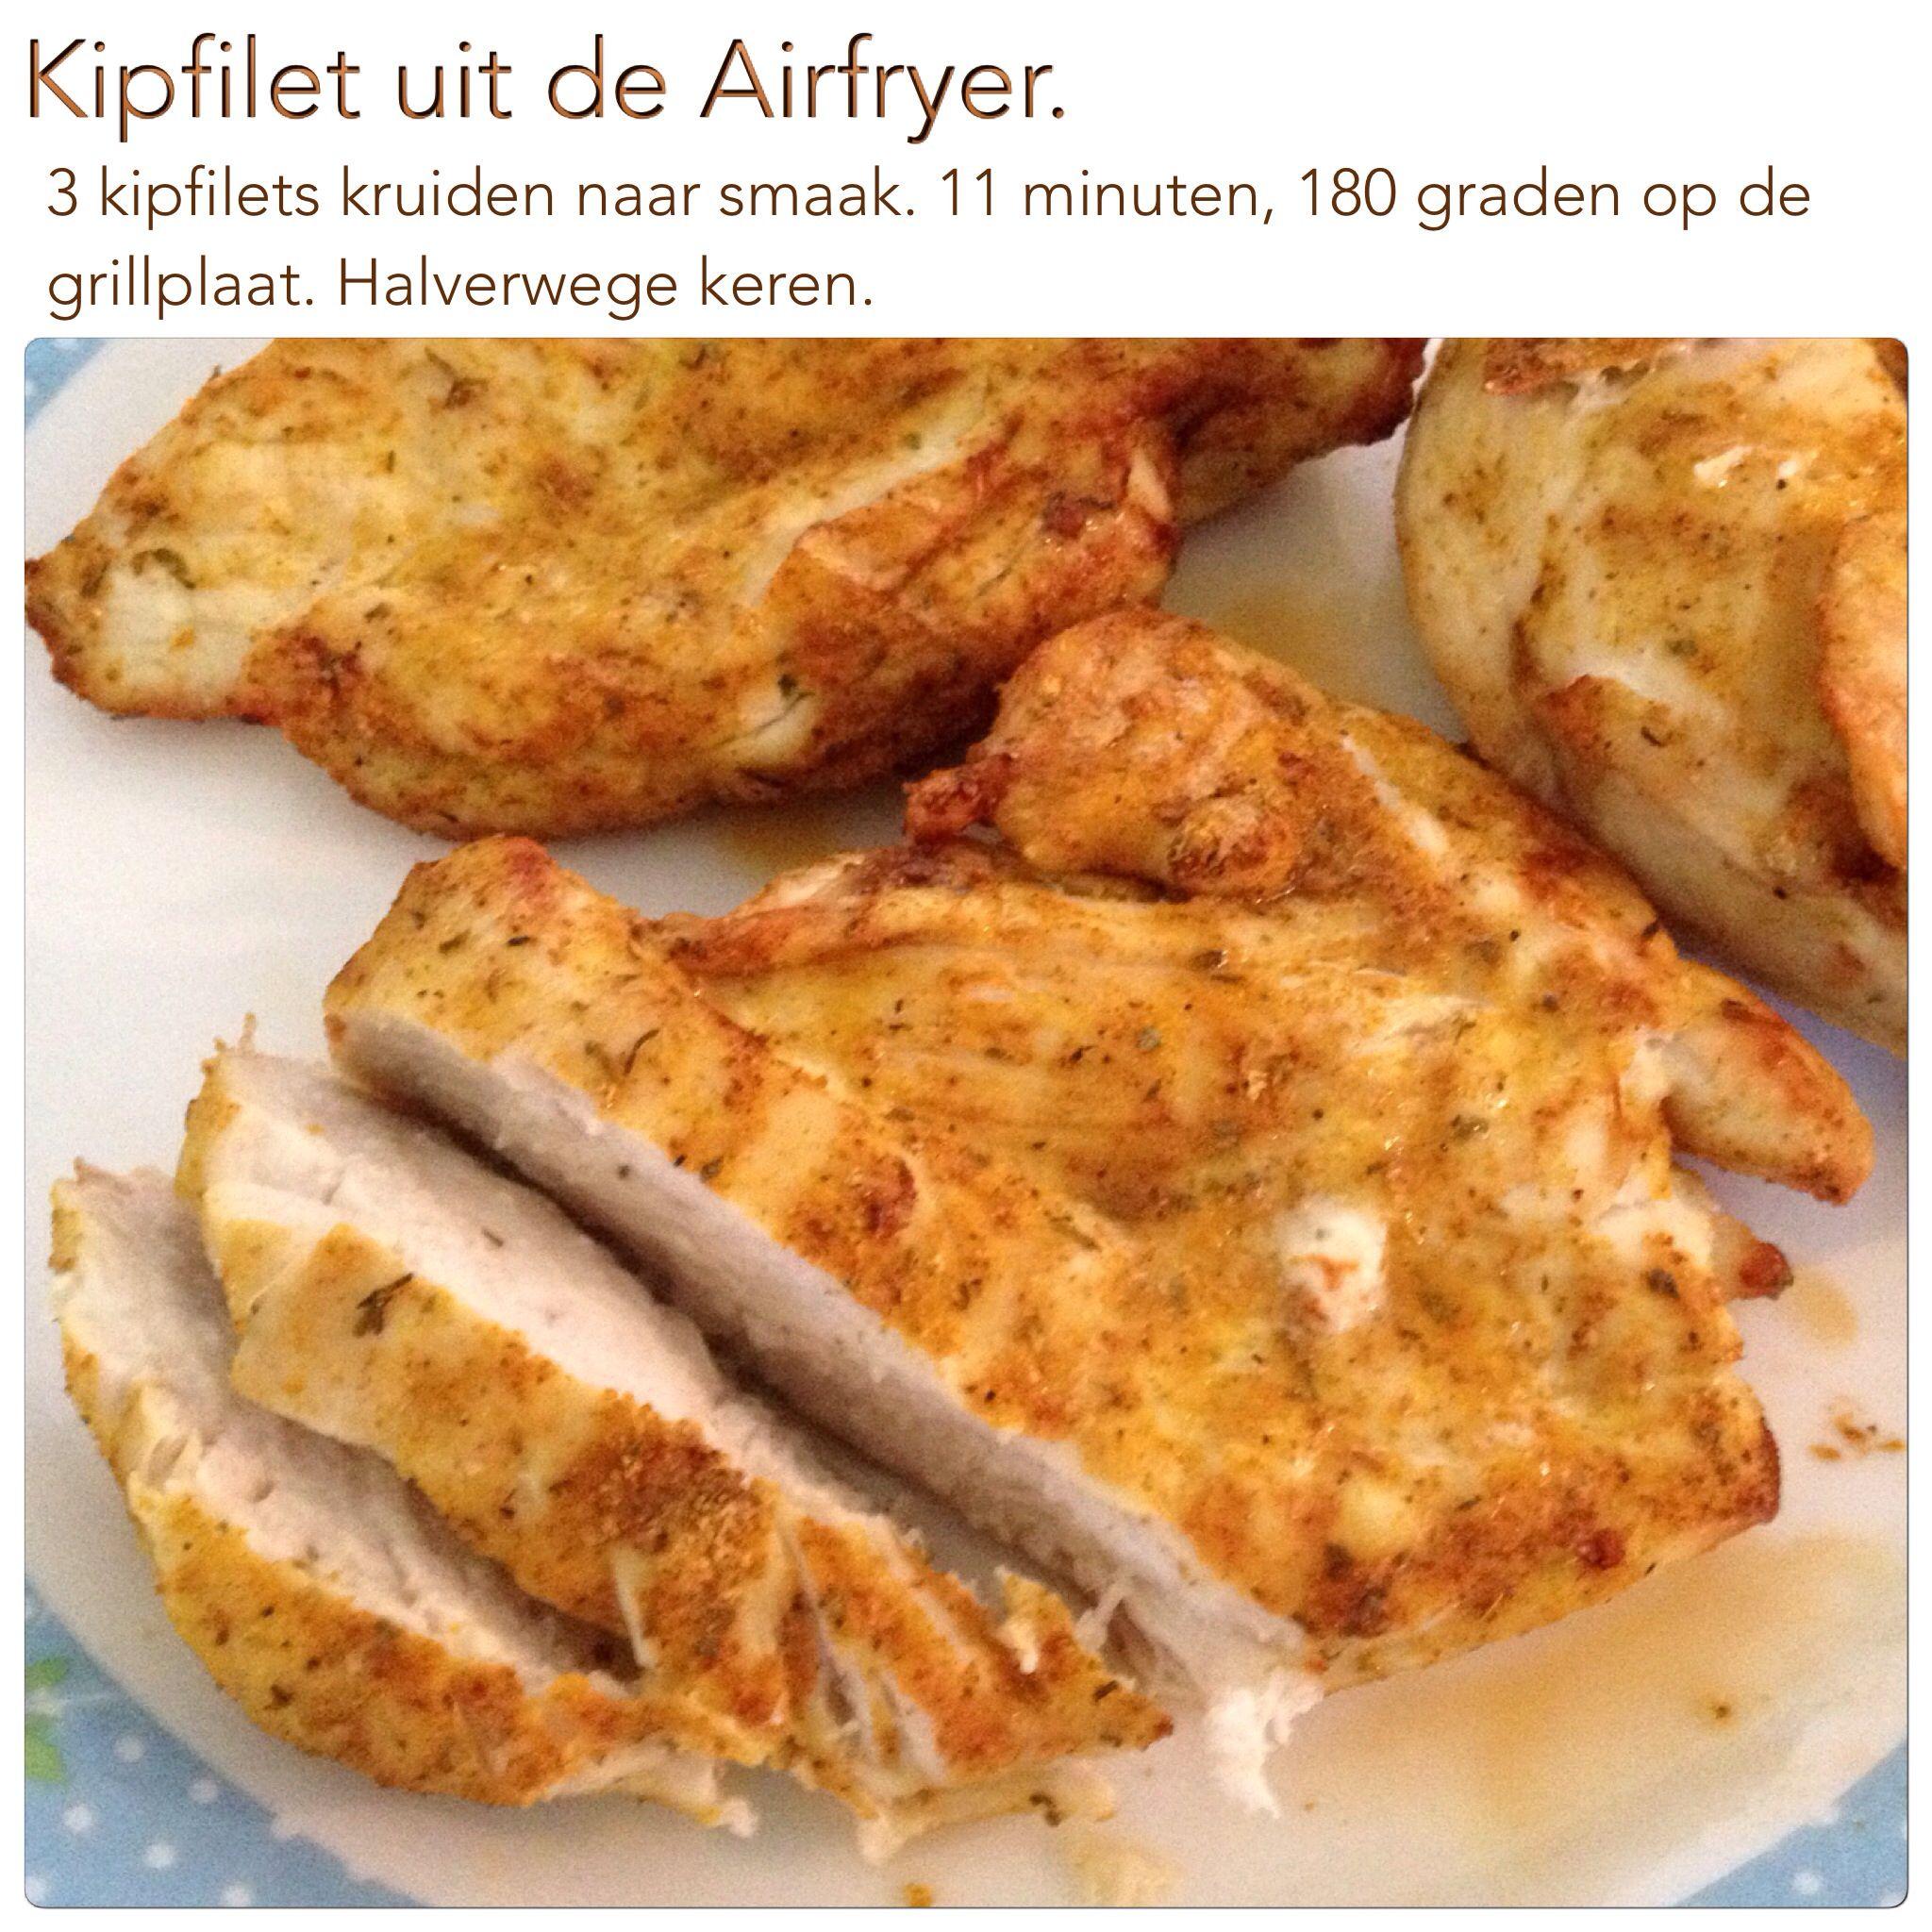 makkelijke recepten uit de airfryer